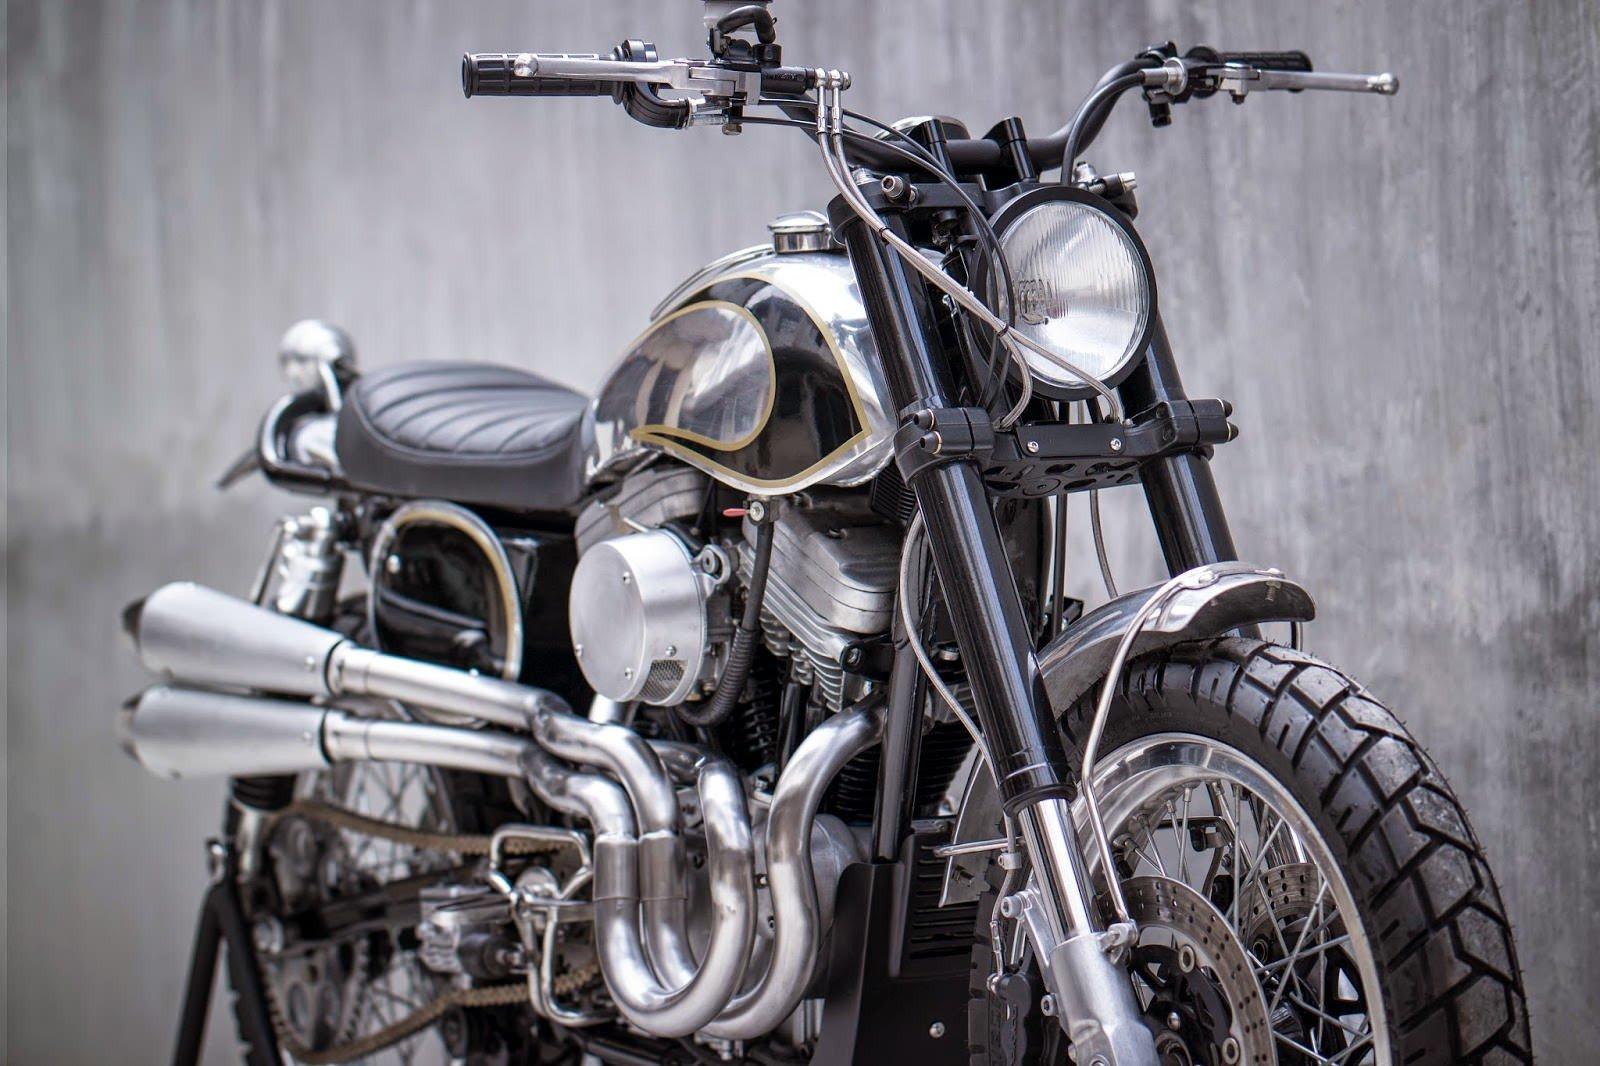 Many Harley Davidson Bikes